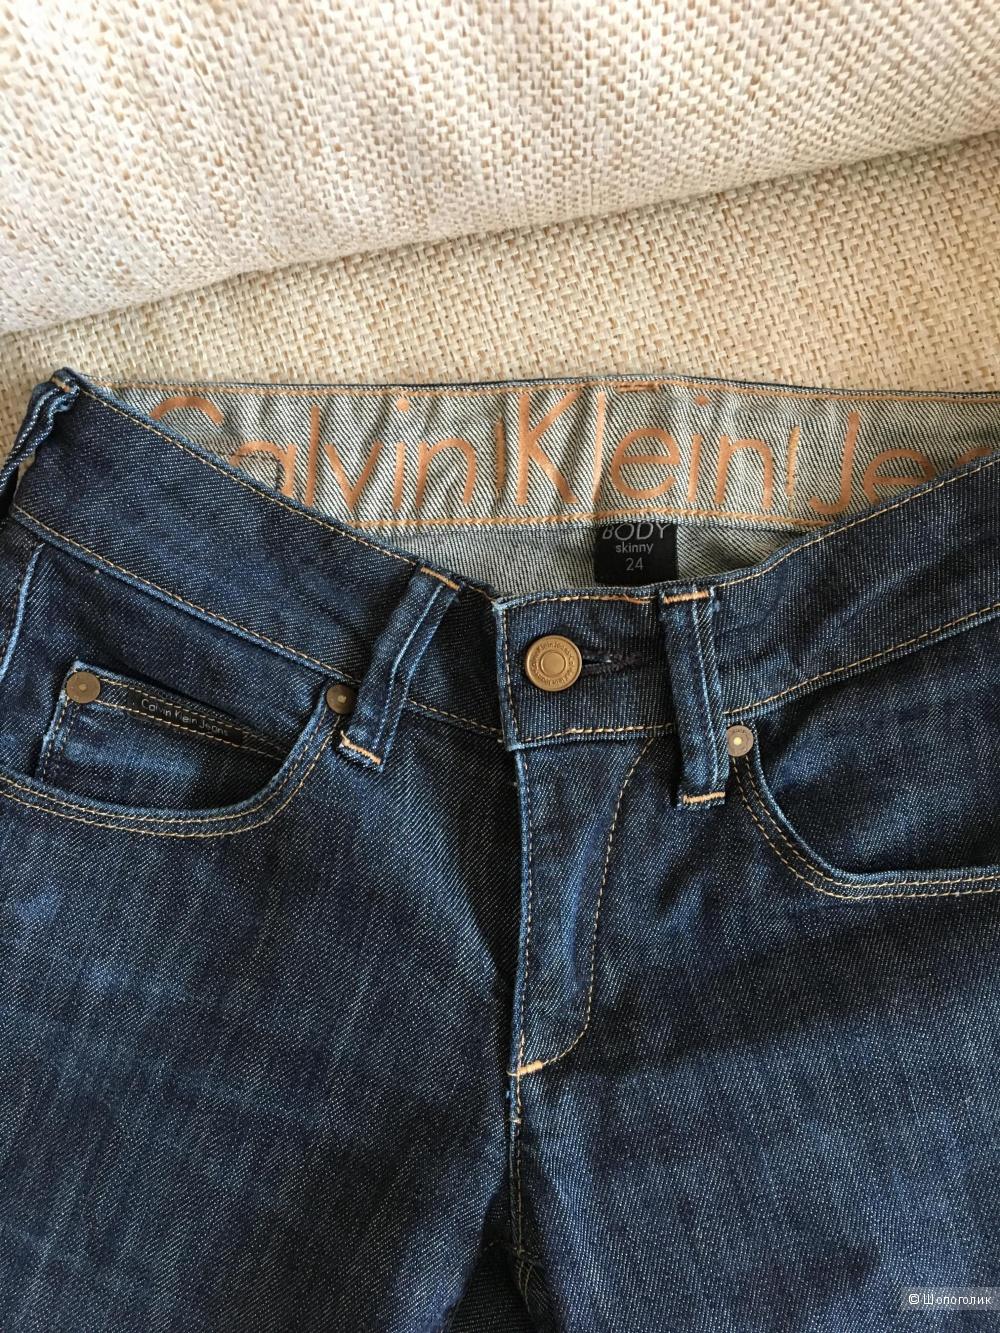 Джинсы Calvin Klein, 24 размер